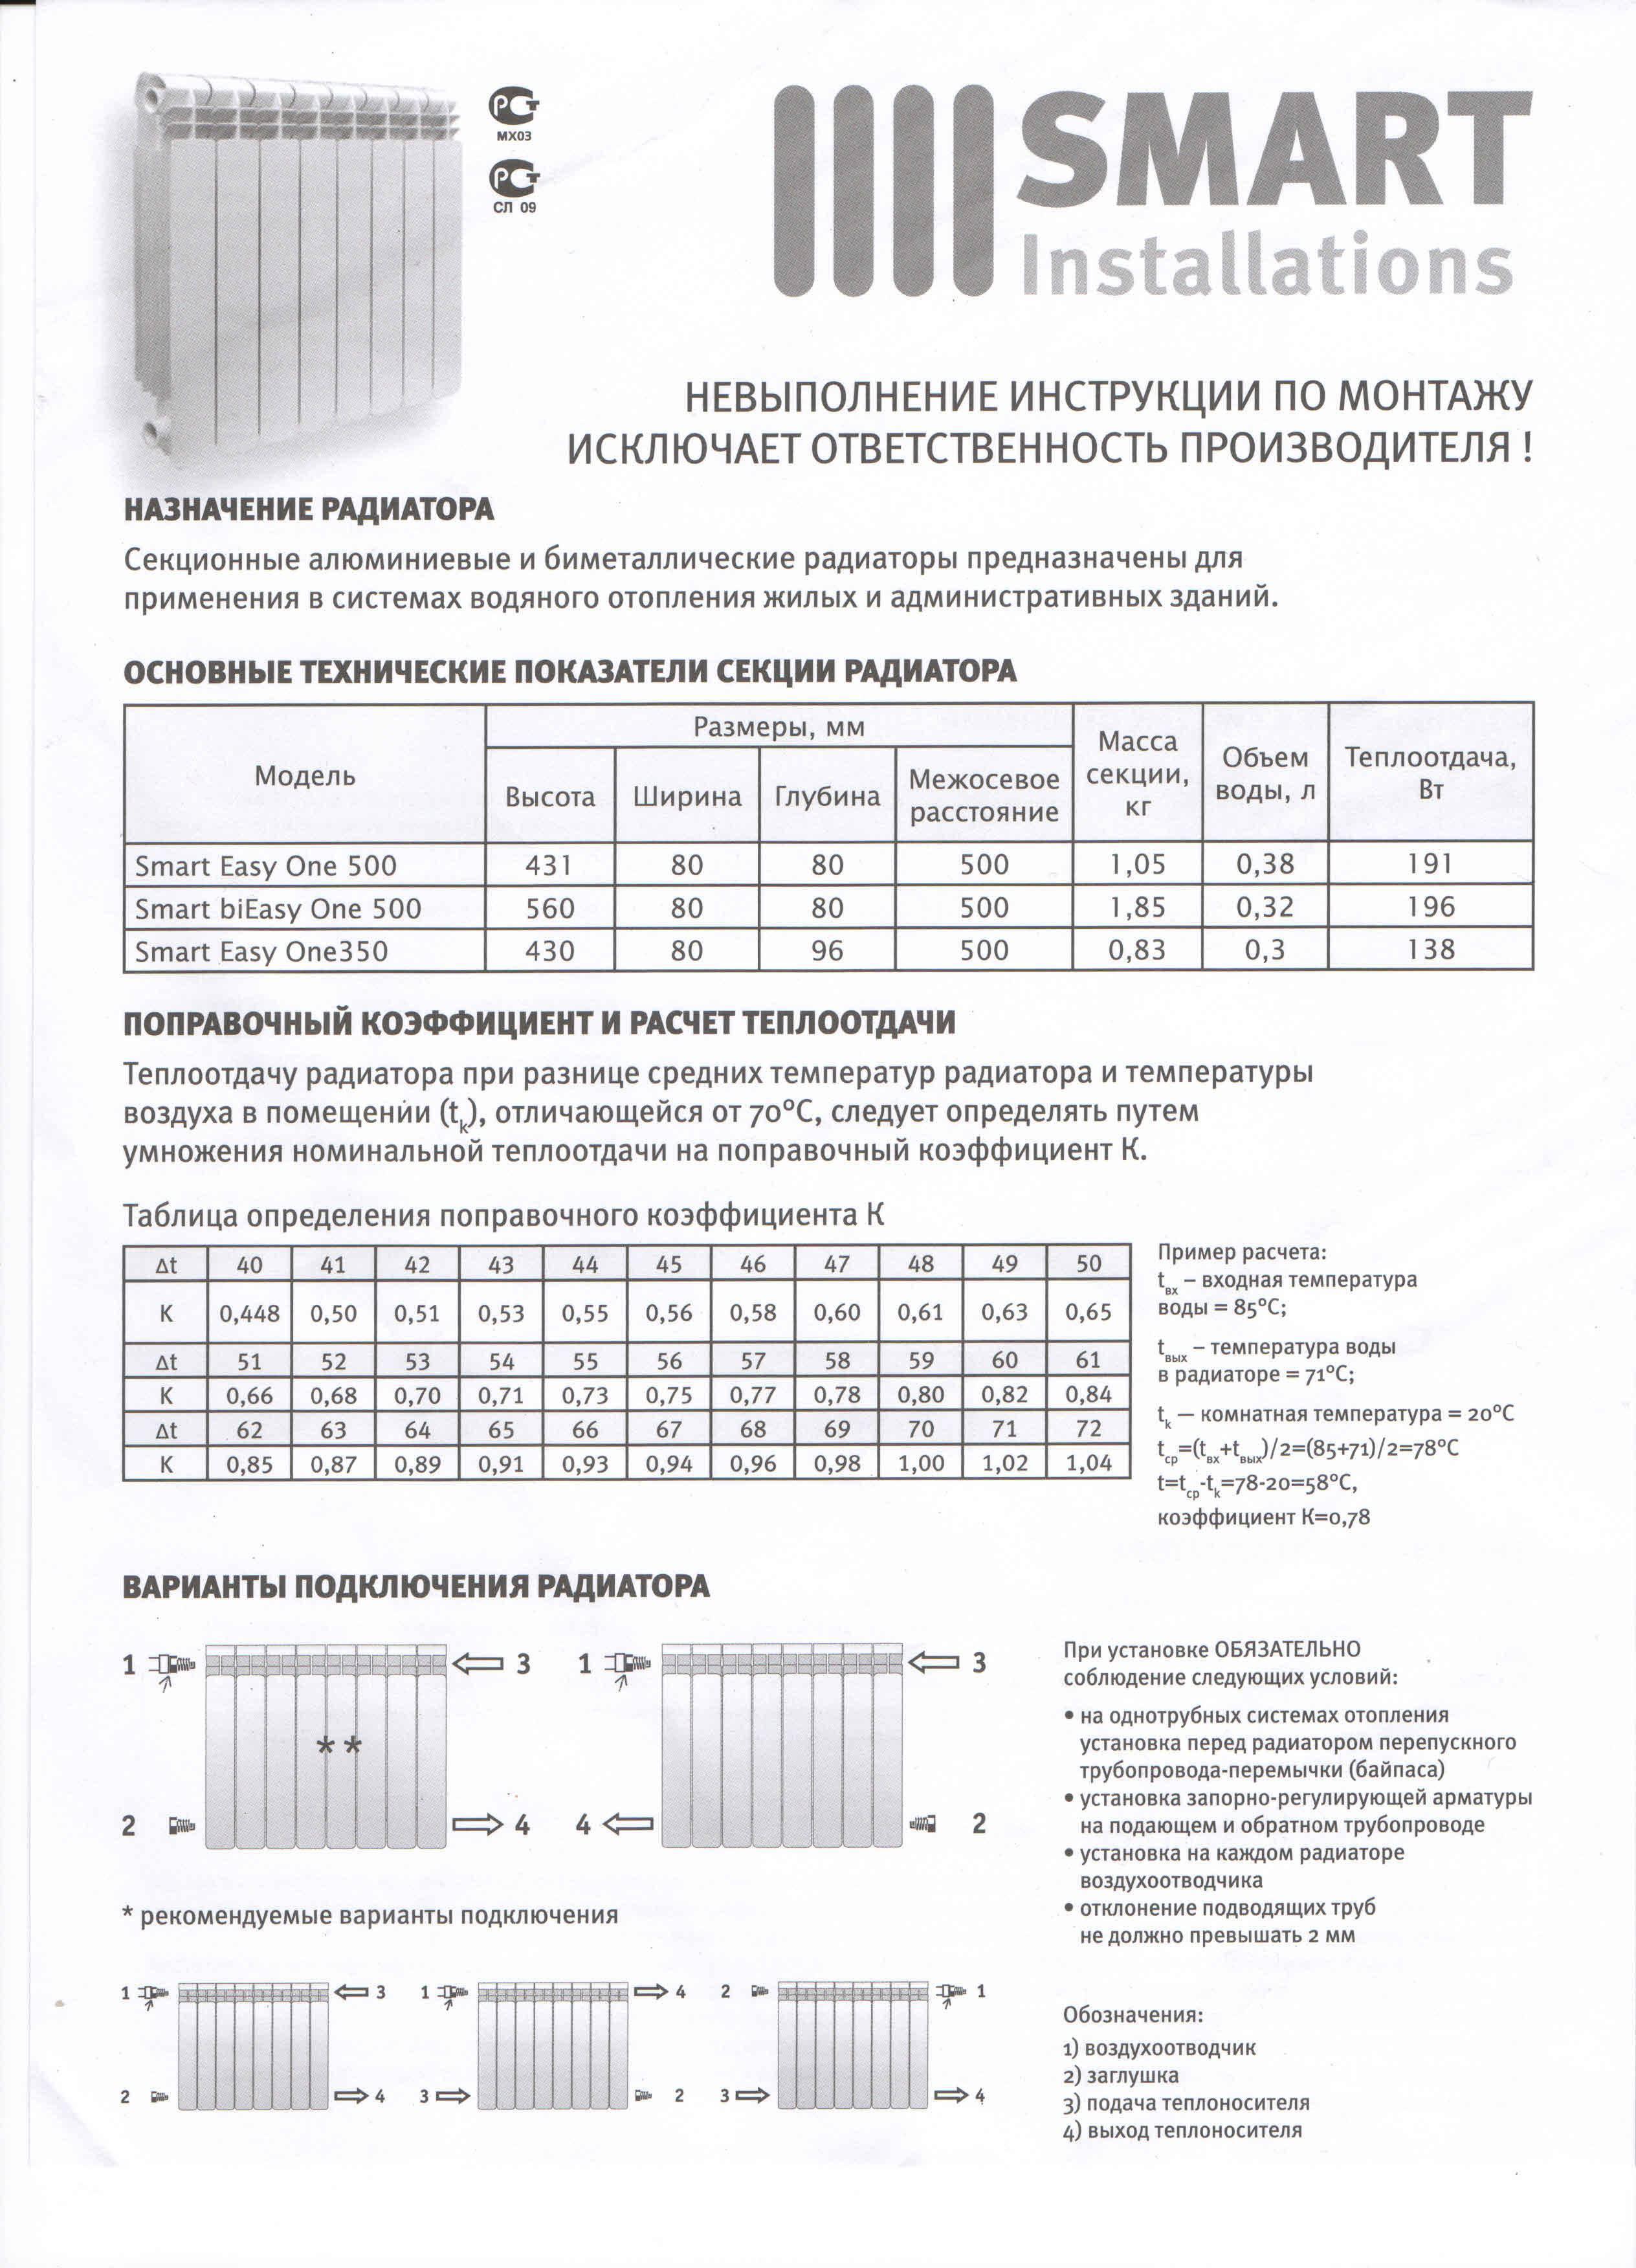 Чугунные радиаторы отопления: история, характеристики, монтаж   гид по отоплению